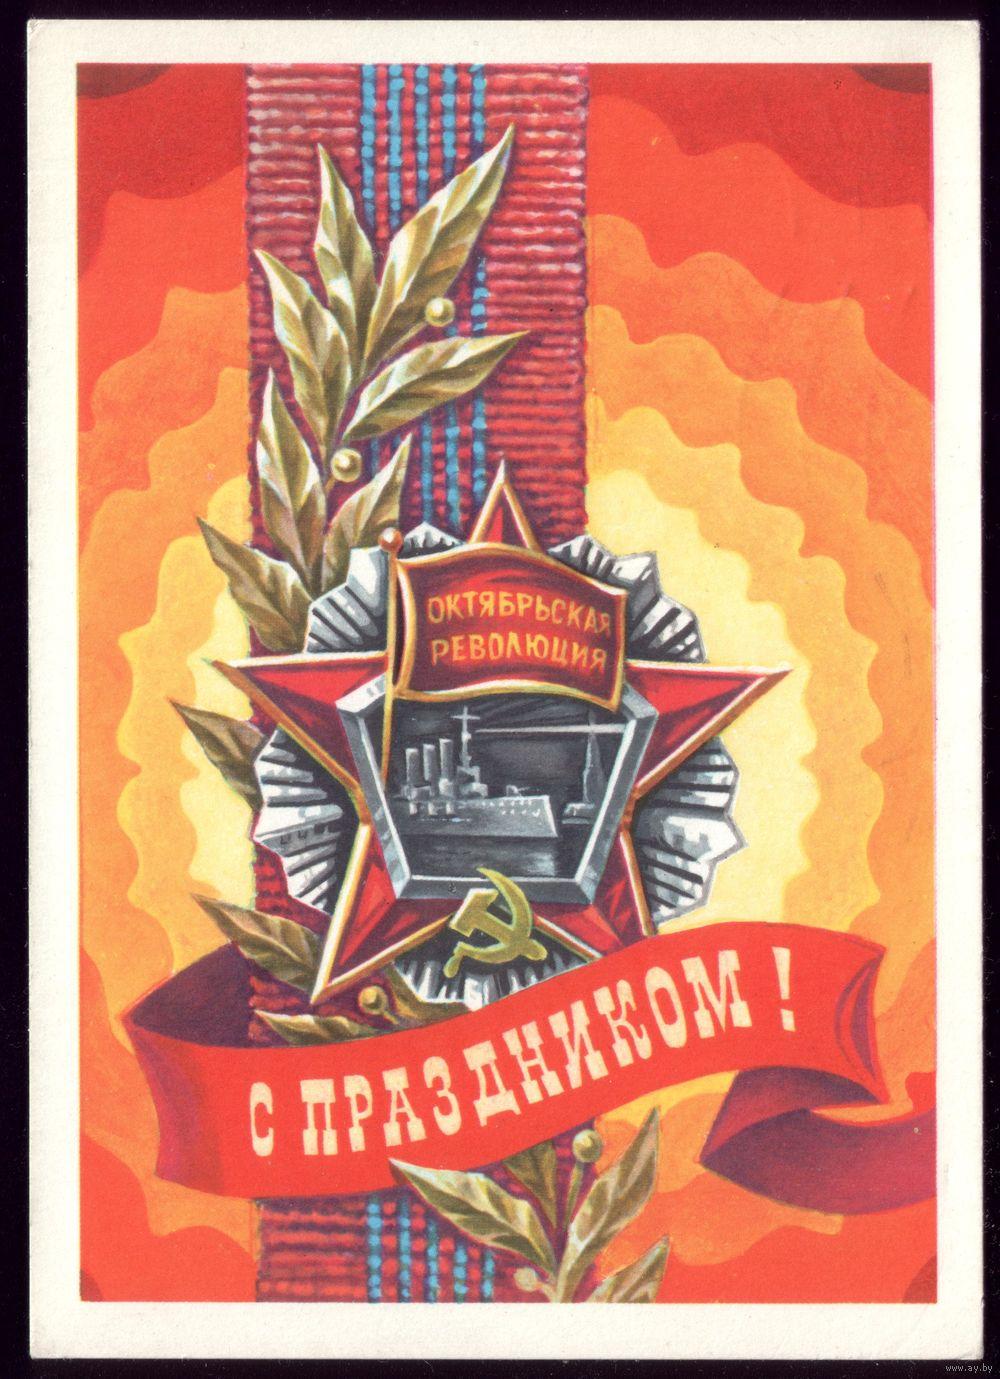 Открытки октябрьской революции